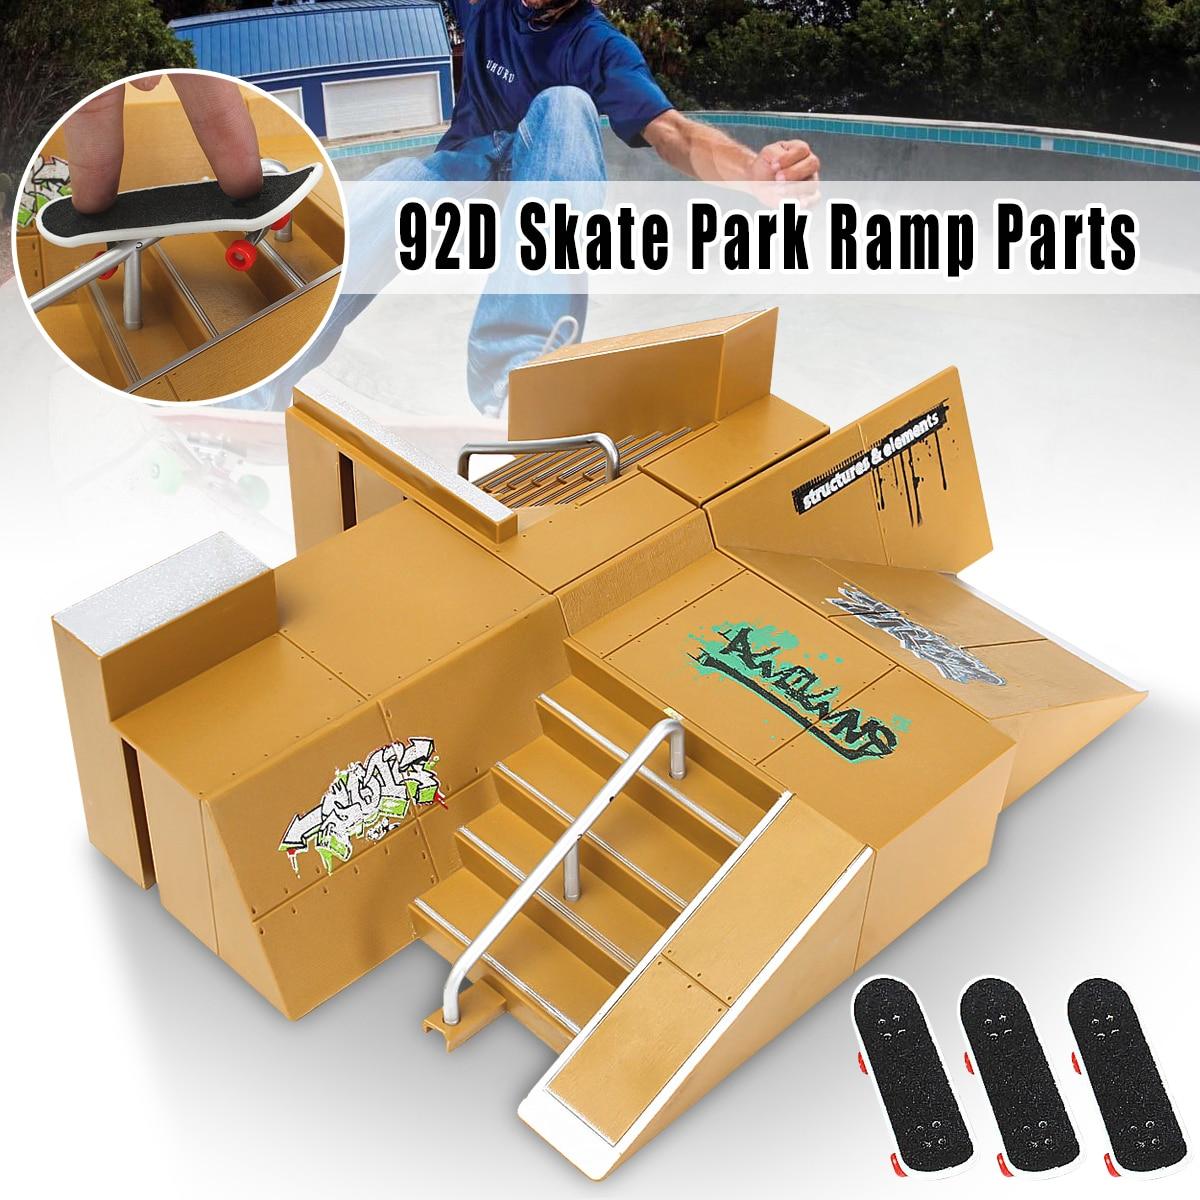 92D Skate Parc Kit Rampe Pièces Pour Tech Deck Touche Excellent Cadeau Pour Les Amateurs De Sports Extrêmes Sport Formation